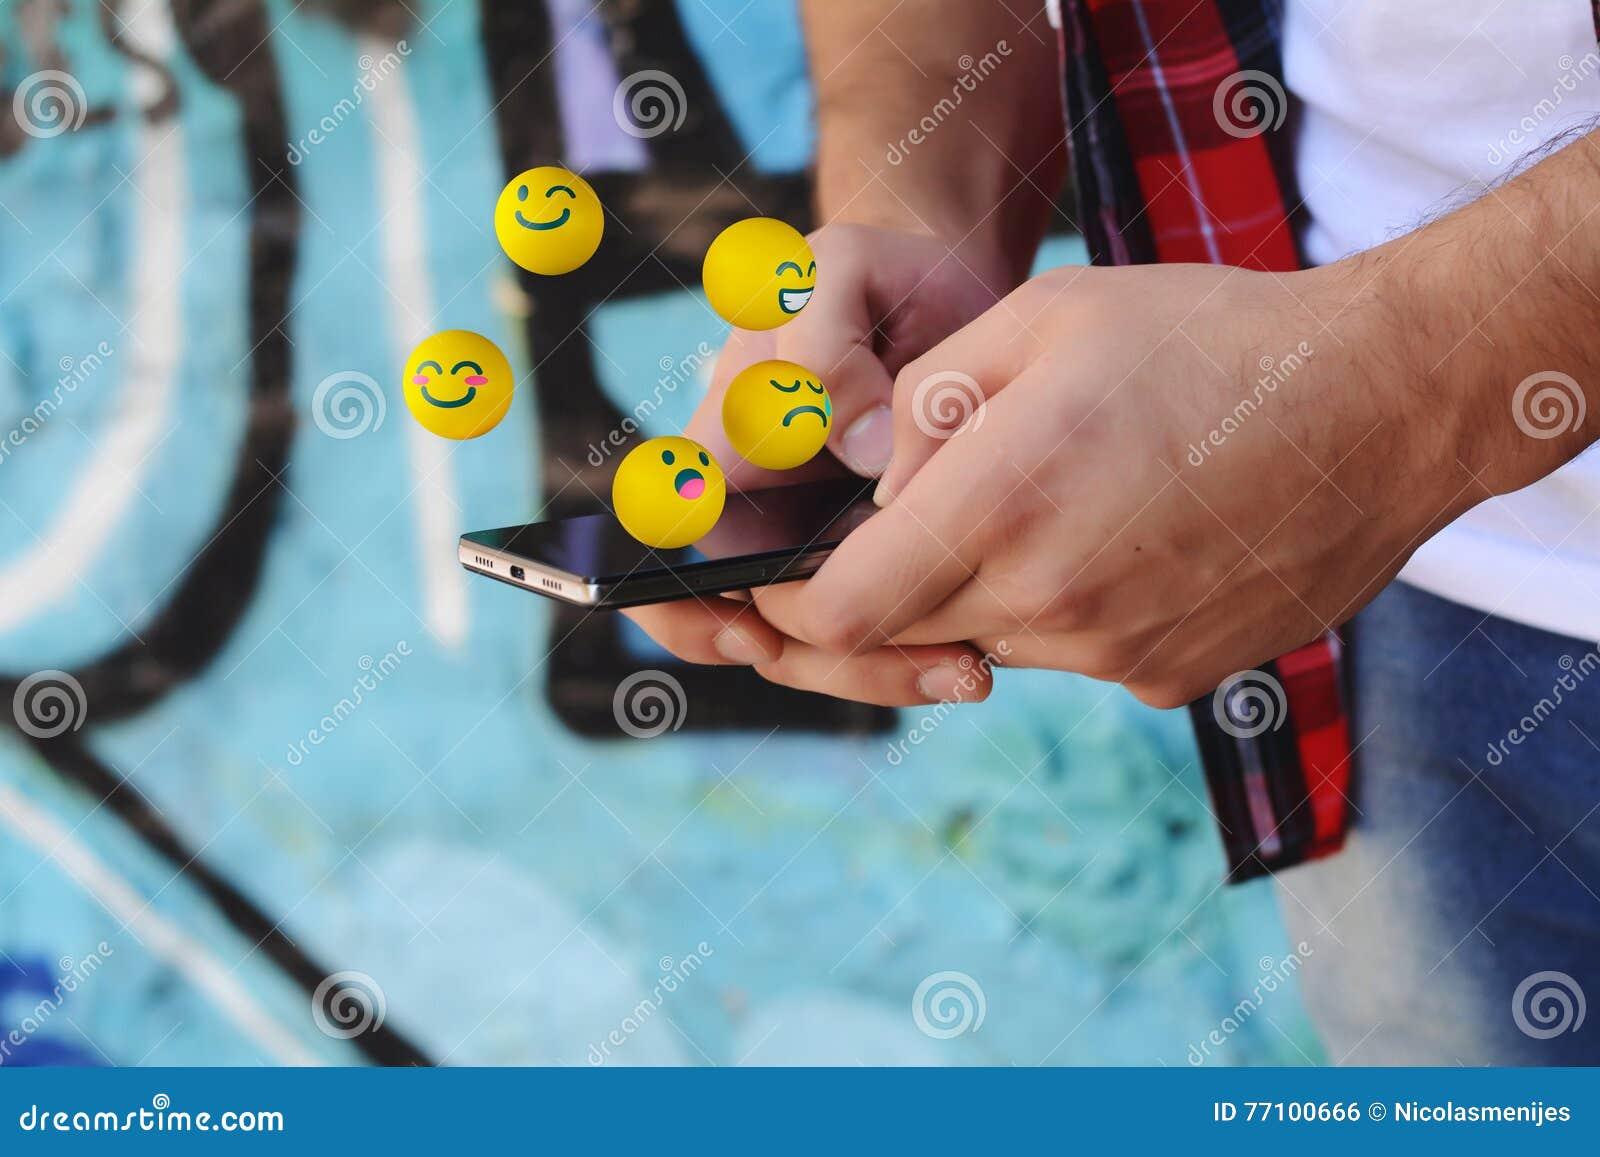 Mężczyzna używa telefonu dosłania emojis